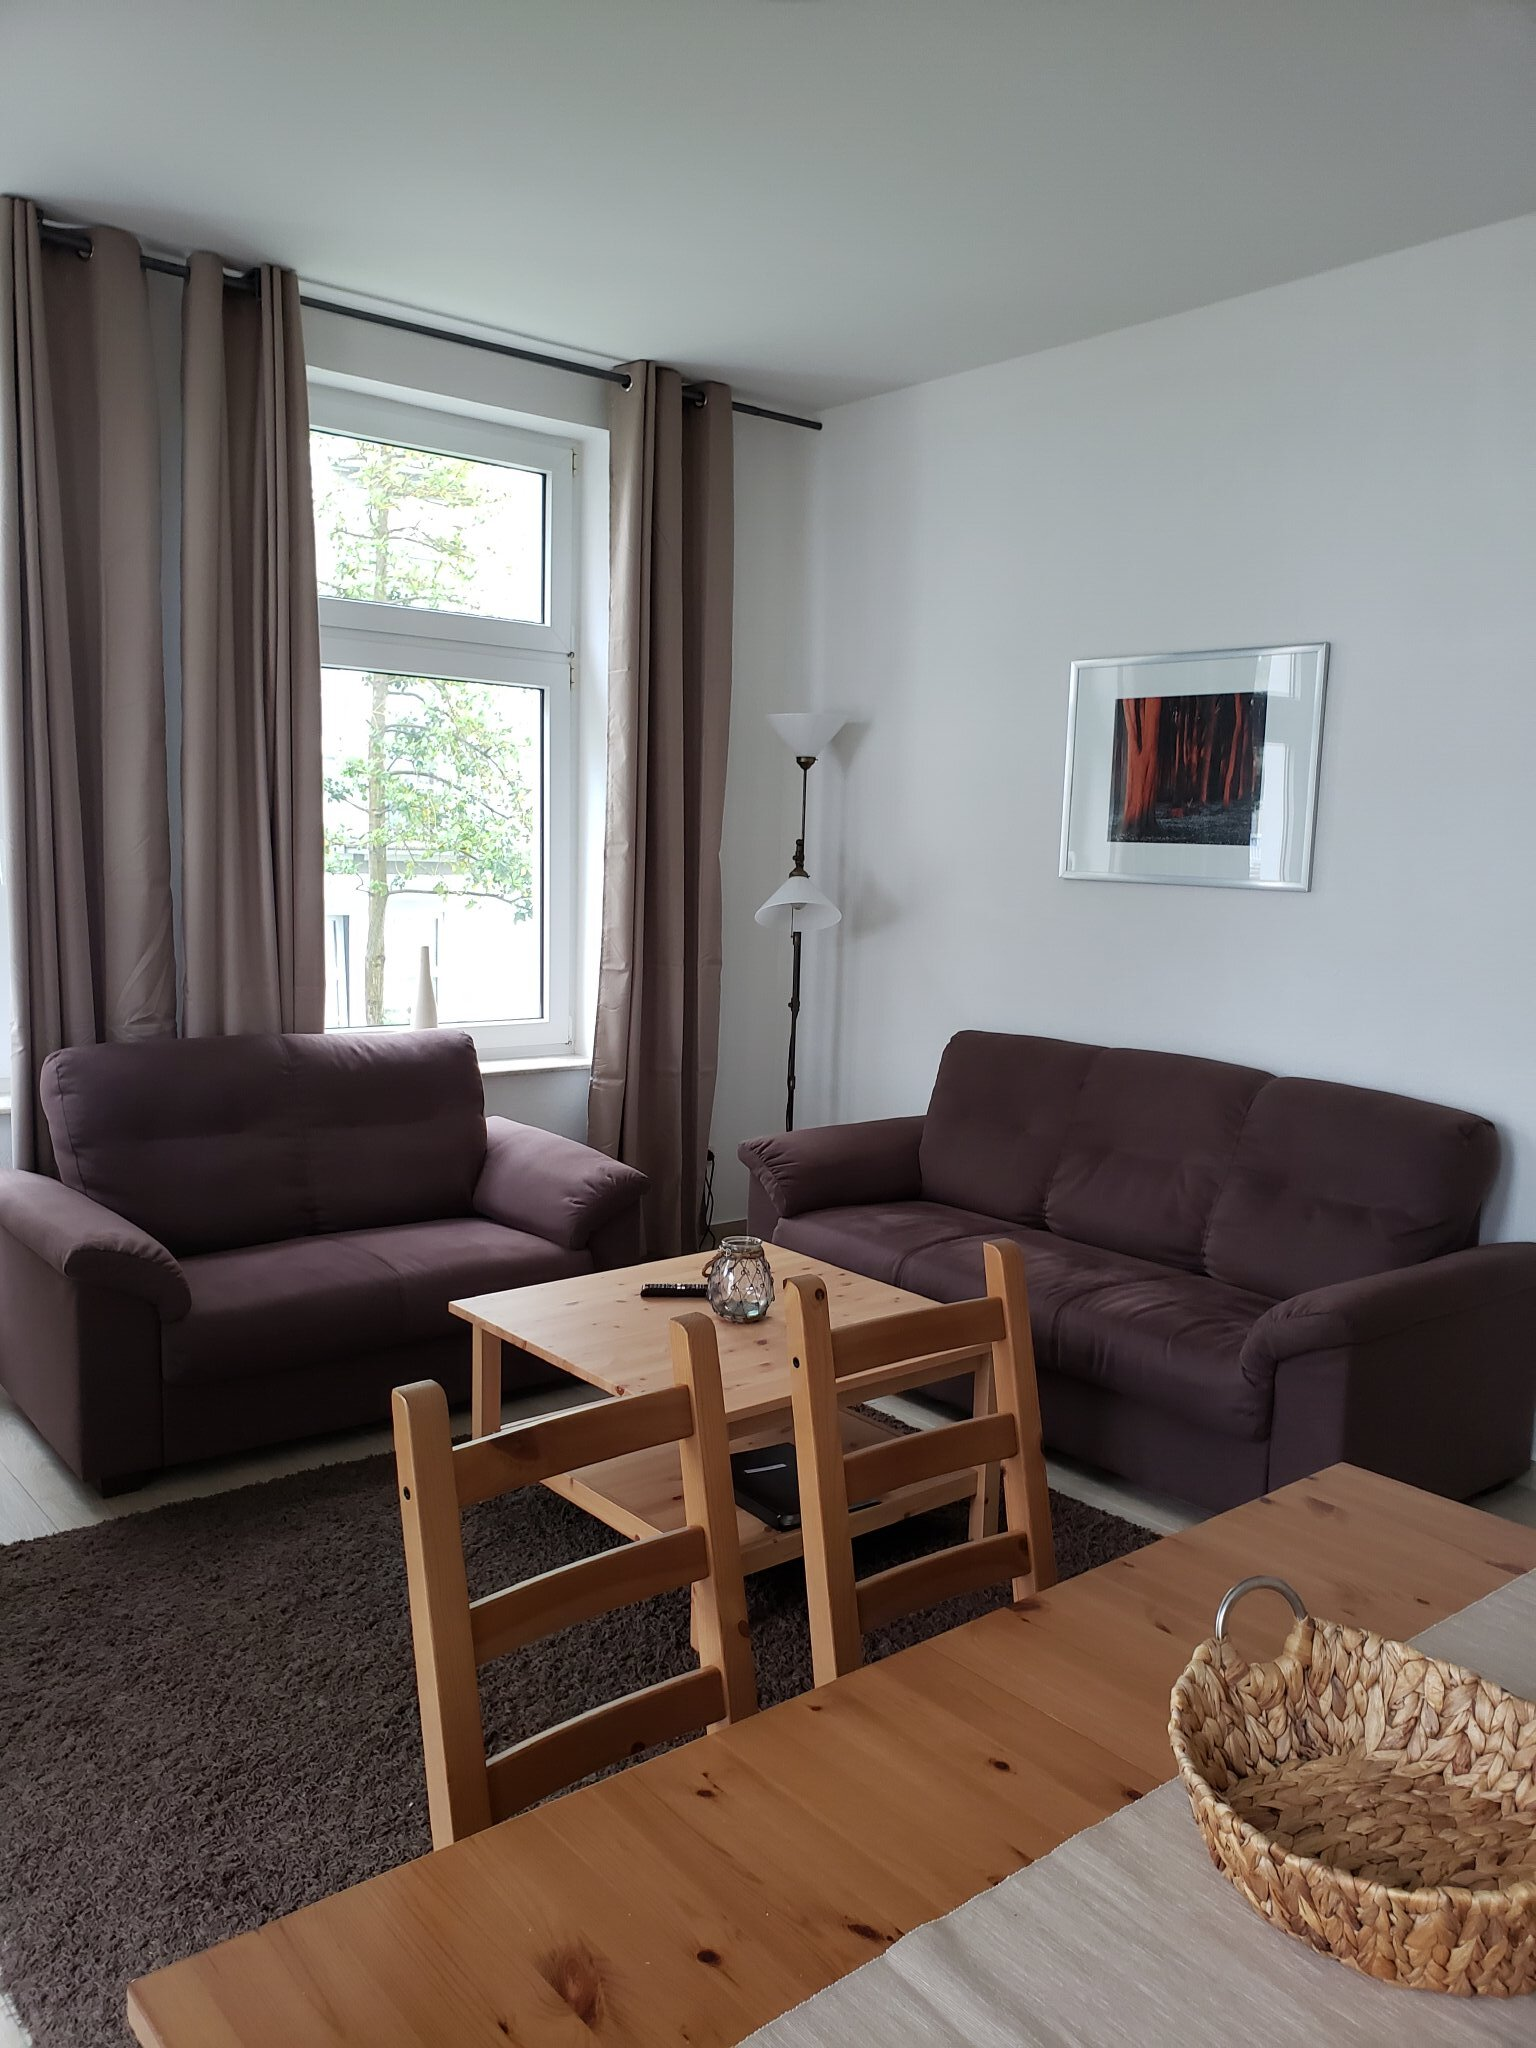 Wohnzimmer und Sitzbereich